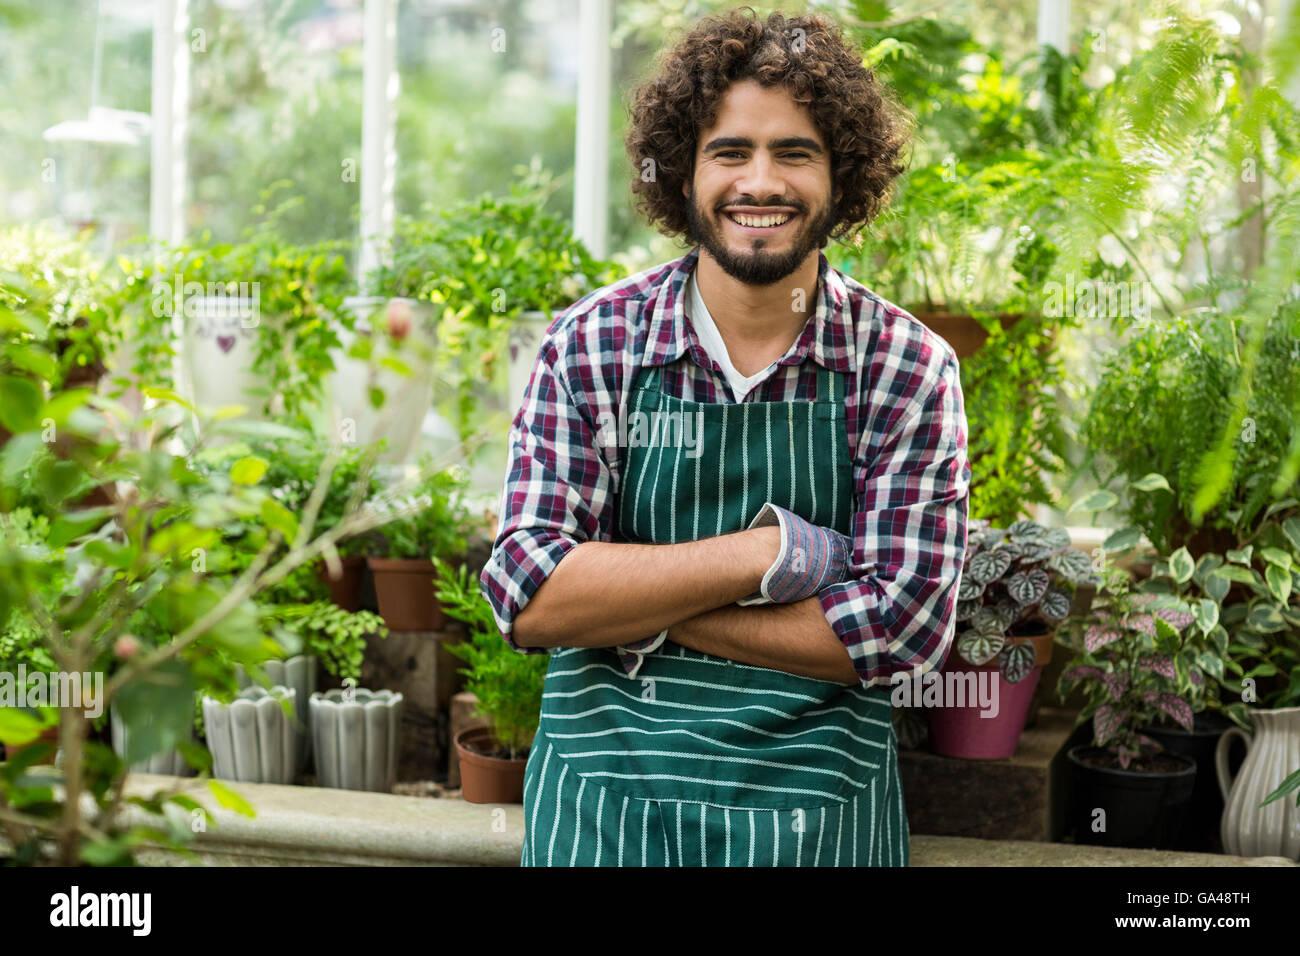 Jardinier mâle avec les bras croisés sur les émissions Photo Stock